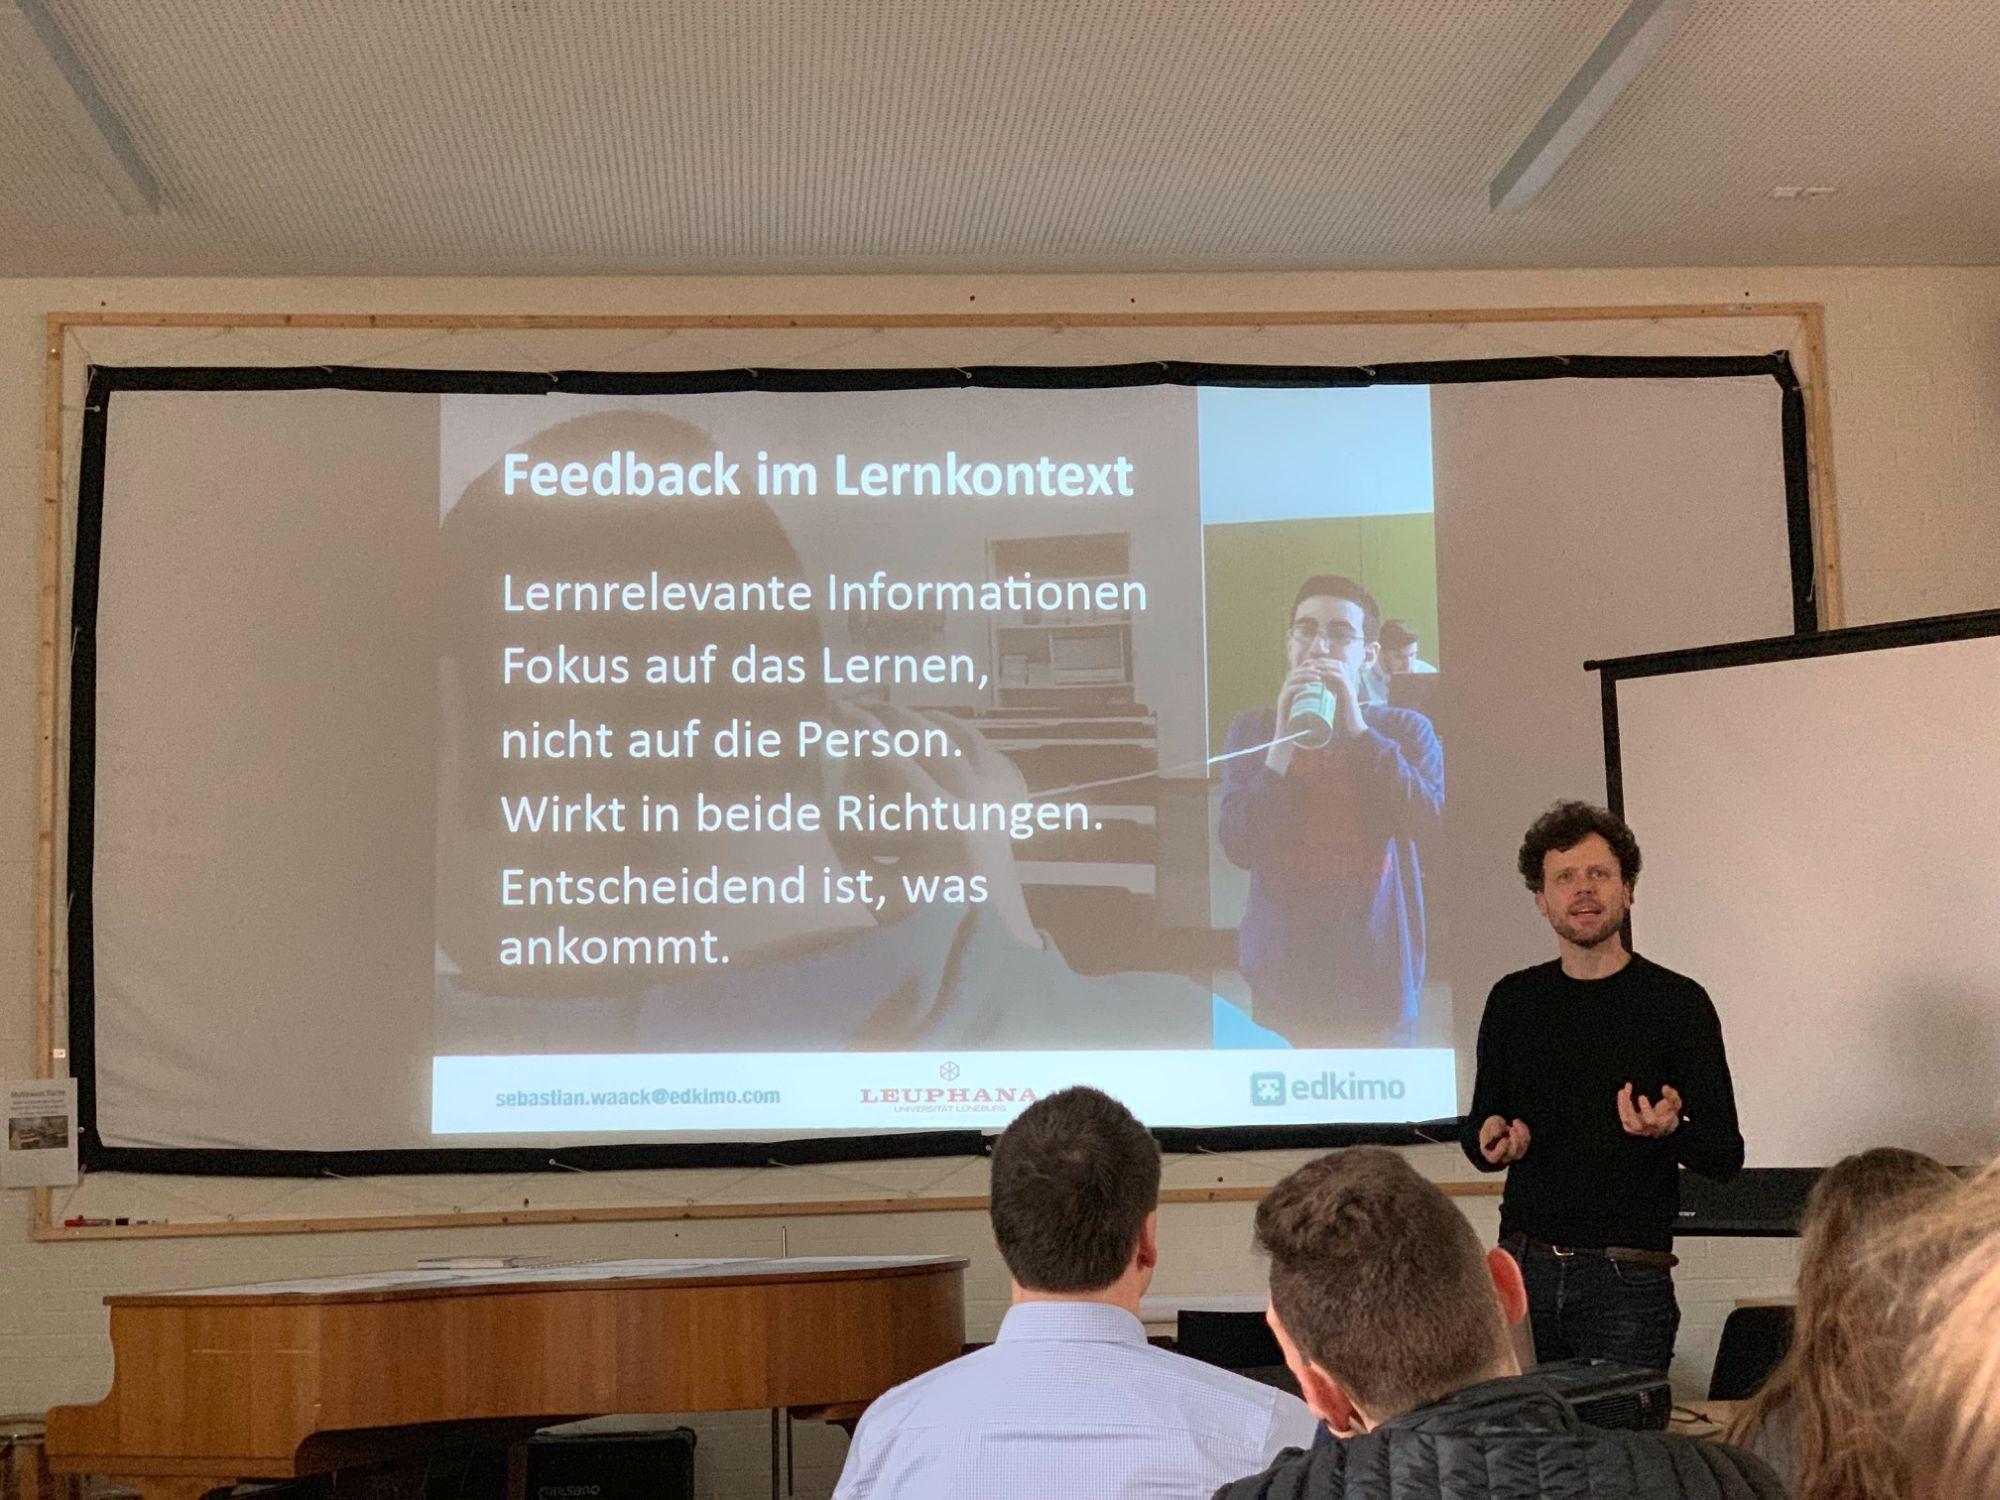 sebastian-waack-edkimo-workshop-vortrag-feedback-hamburg